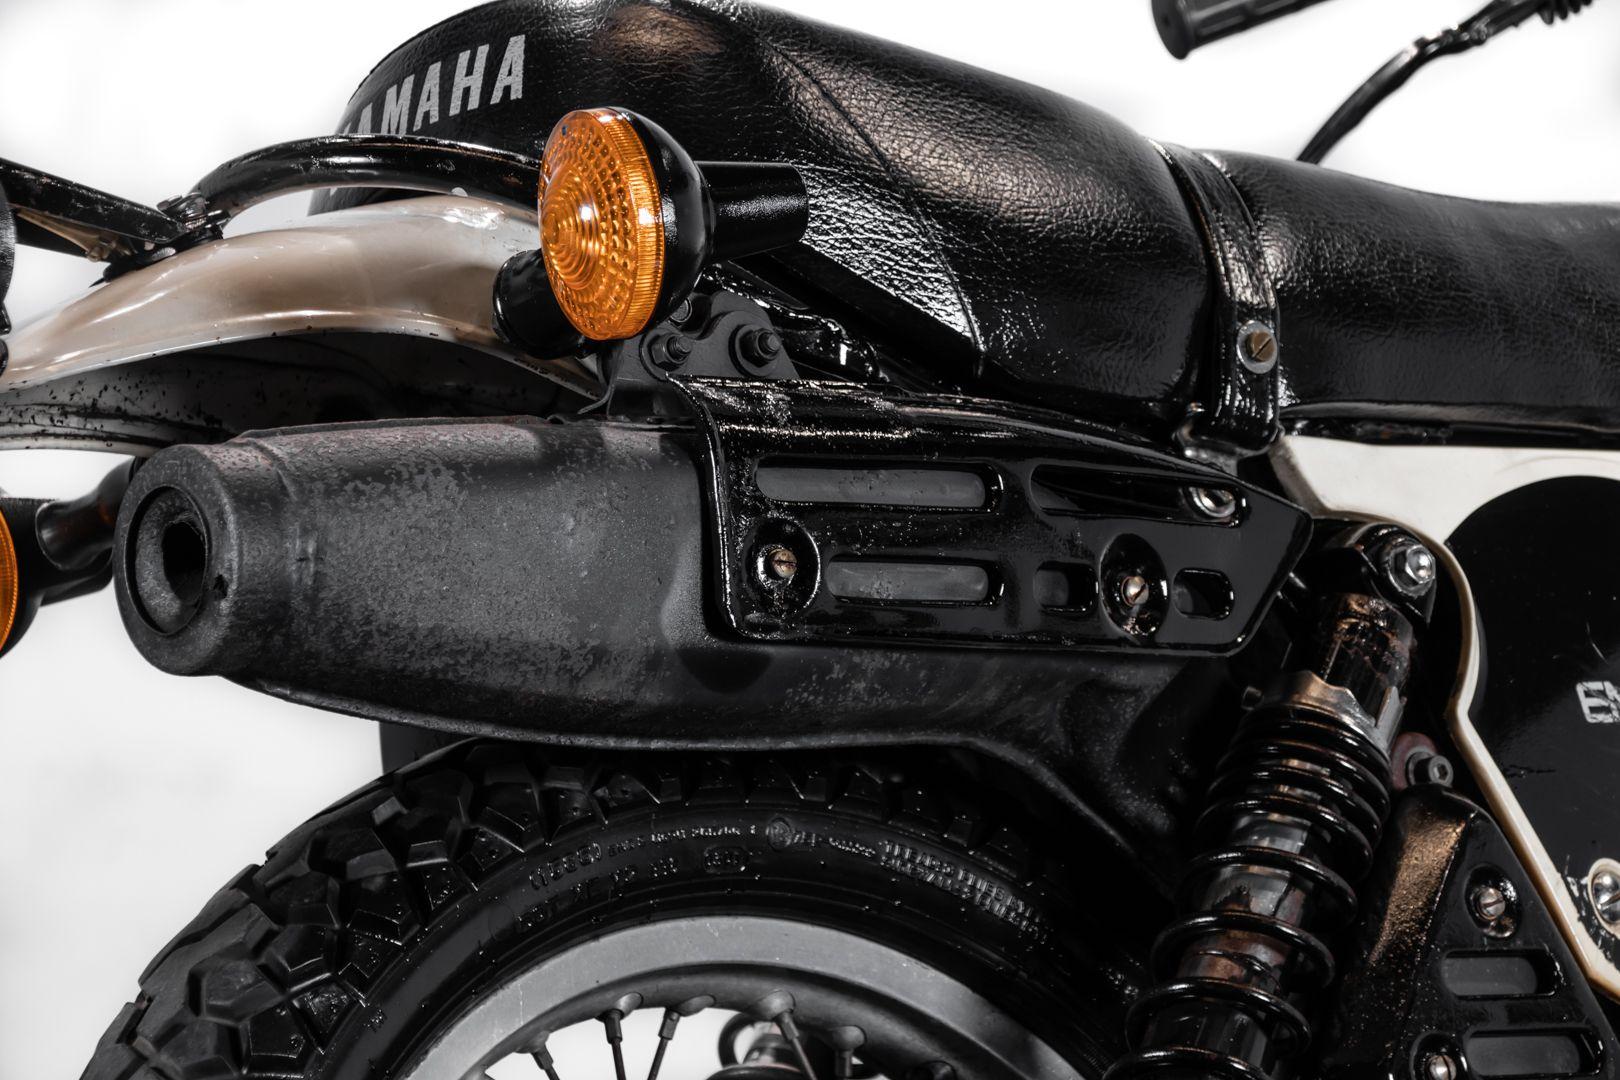 1978 Yamaha XT 500 79744